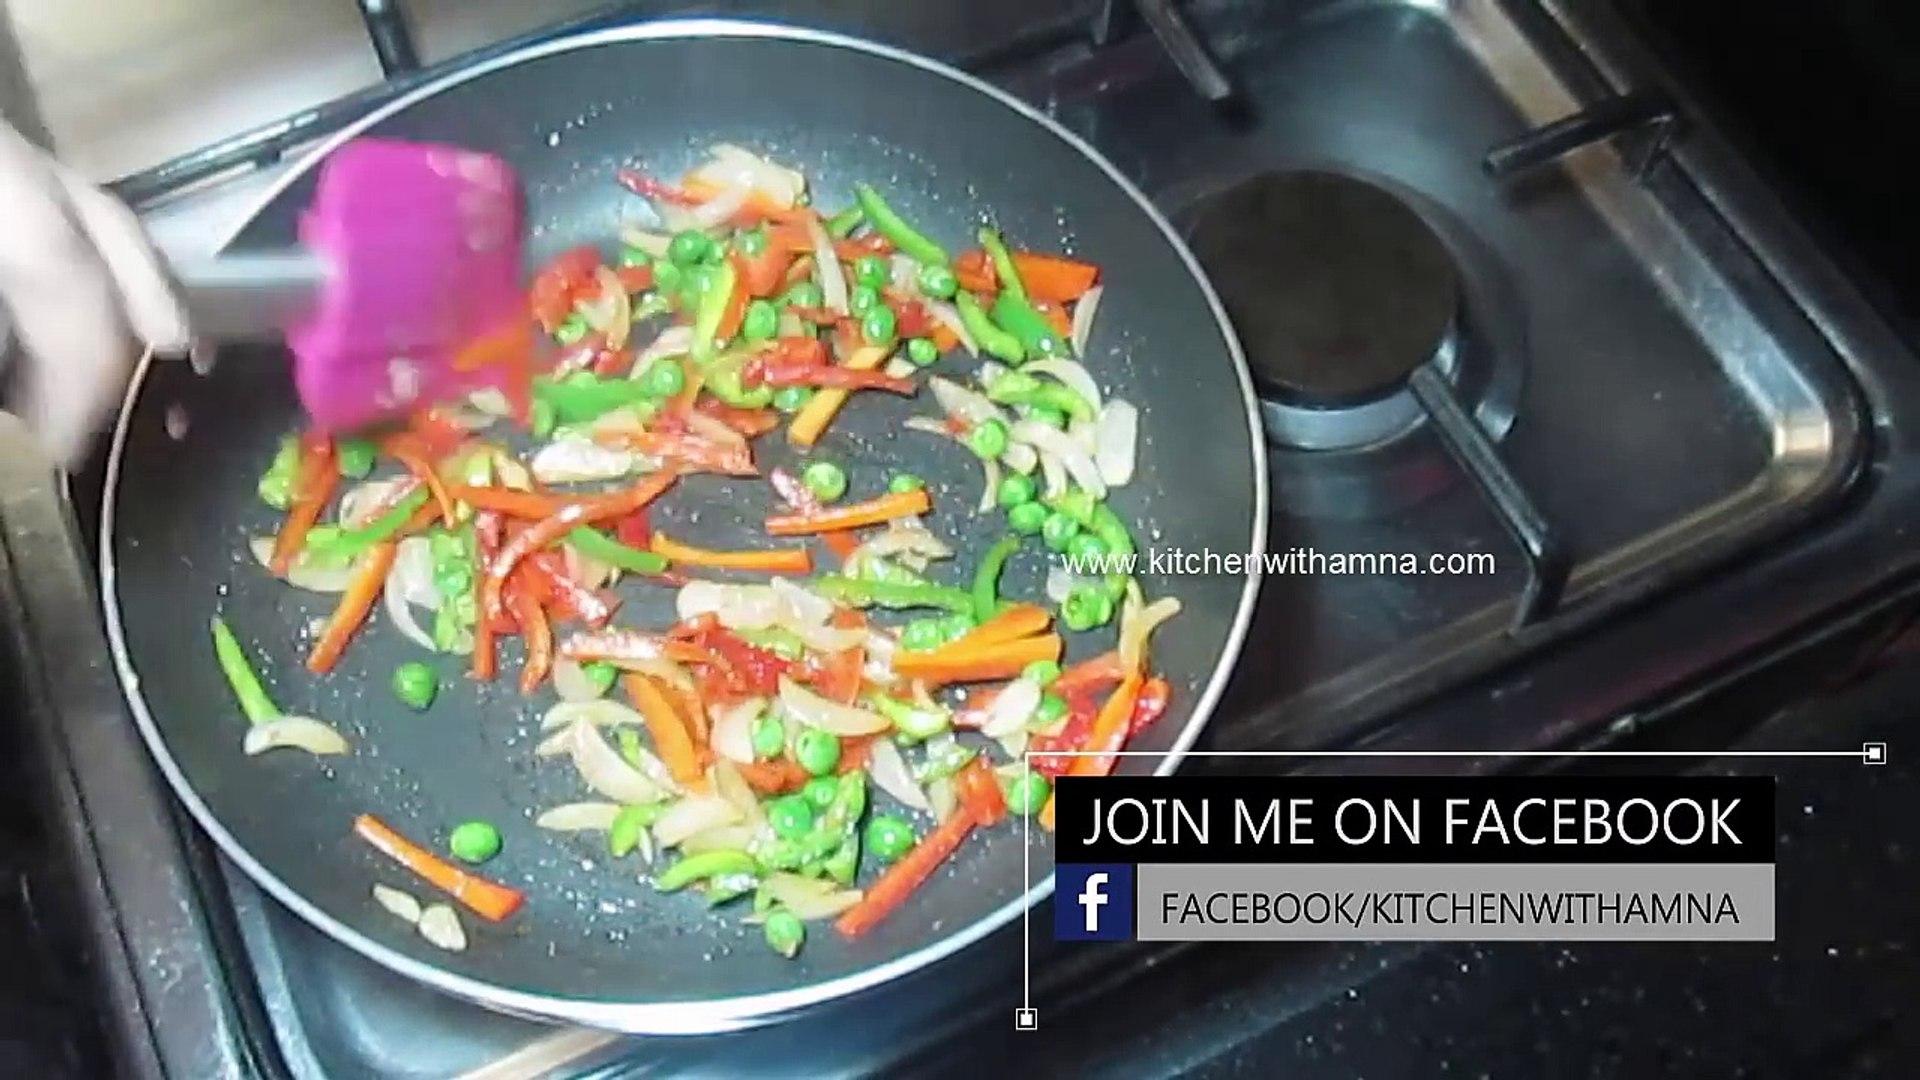 Vegetable Cheese Omelet Recipe - Vegetable Omelet Recipe - Easy Breakfast Recipe